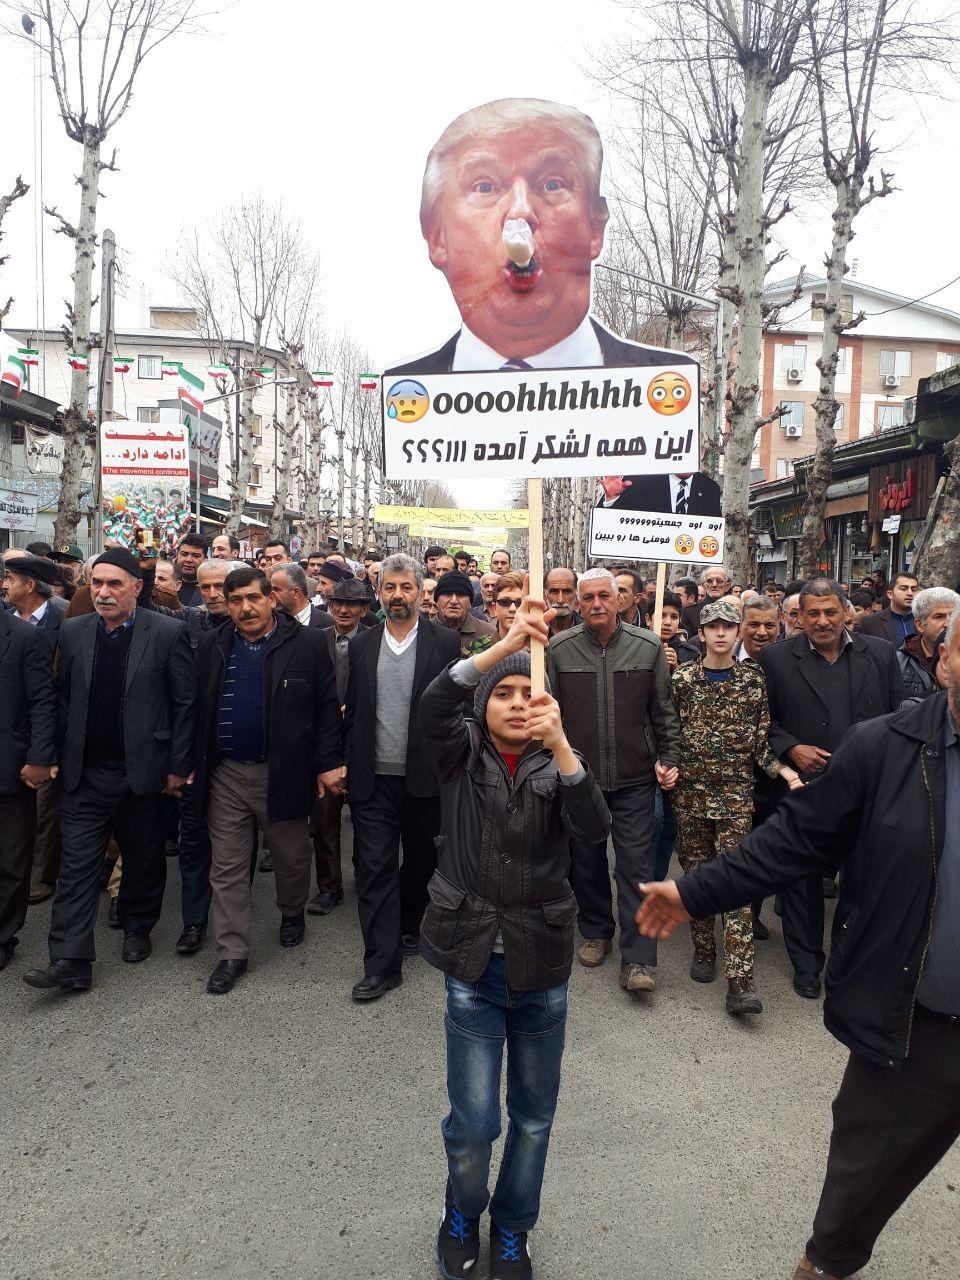 حماسه حضور مردم شهرستان فومن در راهپیمایی ۲۲ بهمن۹۶ به روایت تصویر(۲)